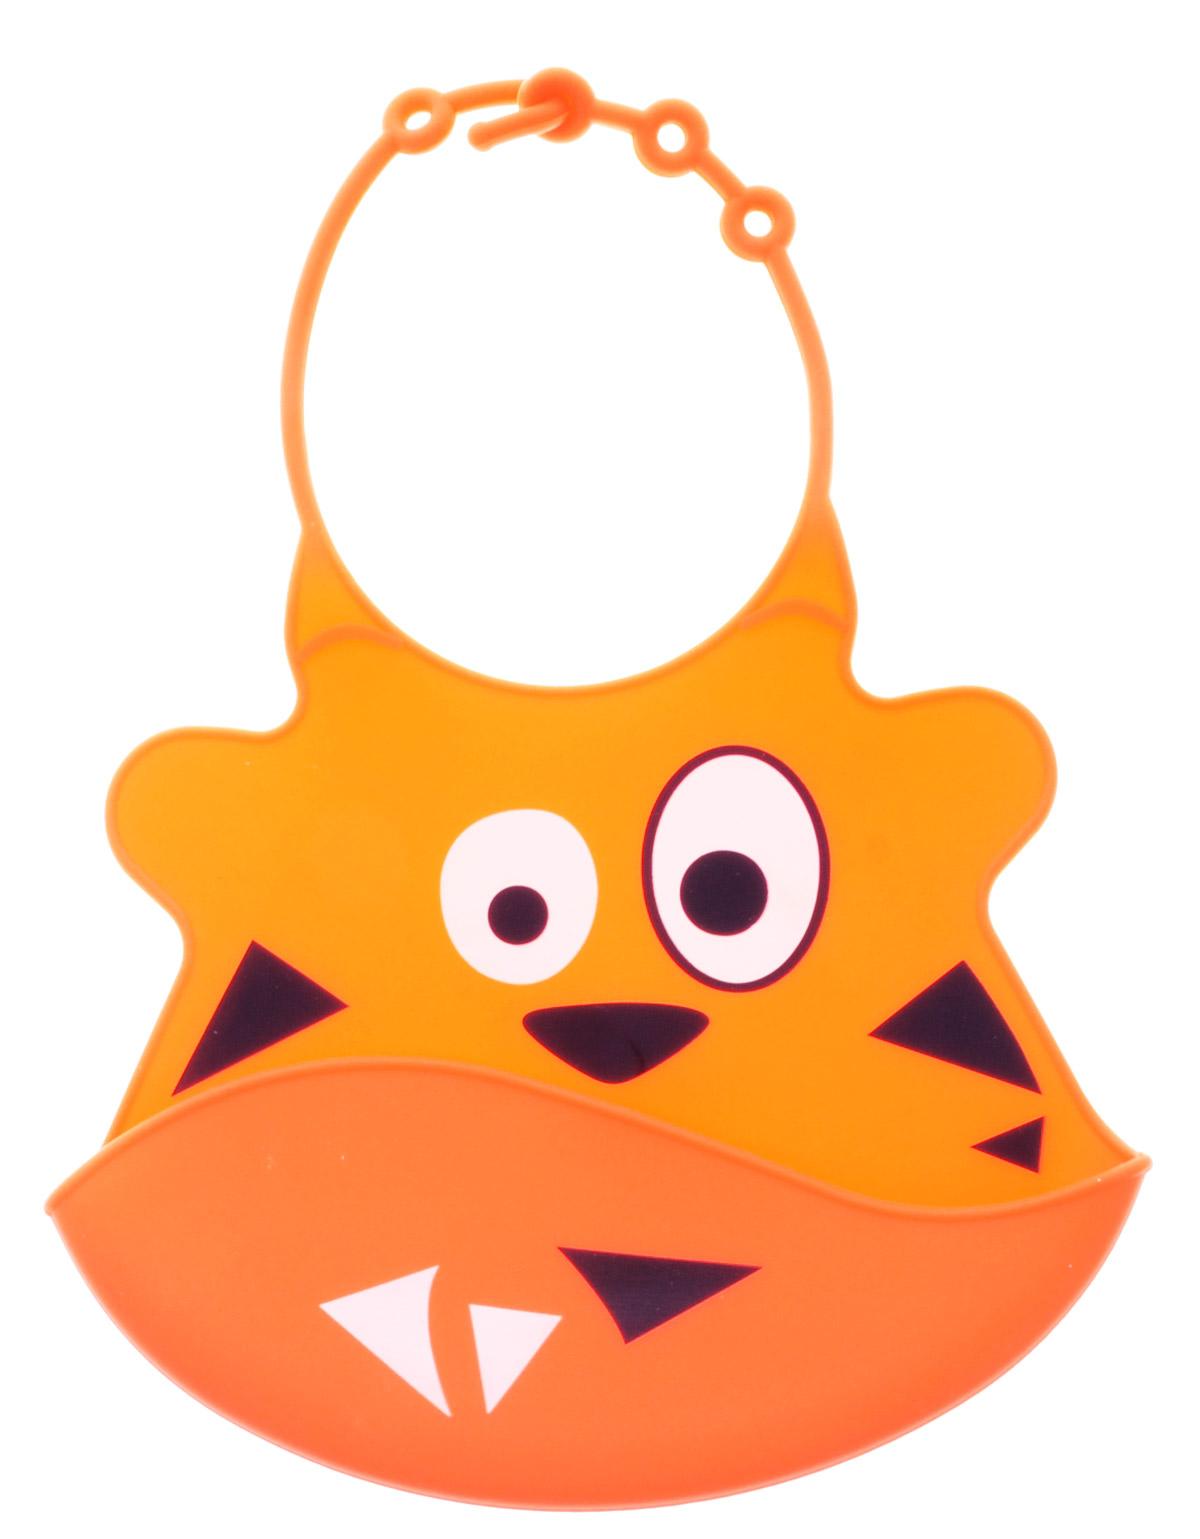 BabyOno Нагрудник цвет оранжевый1343_оранжевыйГибкий нагрудник BabyOno с регулируемой застежкой защитит одежду малыша во время кормления и избавит родителей от дополнительных хлопот. Изготовлен из безопасных материалов, обеспечивающих длительное использование. Имеет удобный отворот, куда будет падать еда, которую малыш выплюнет или случайно уронит. Оформлен нагрудник смешной мордочкой. Перед первым использованием изделие следует тщательно вымыть и высушить. Не содержит бисфенол А, фталатов, свинца.